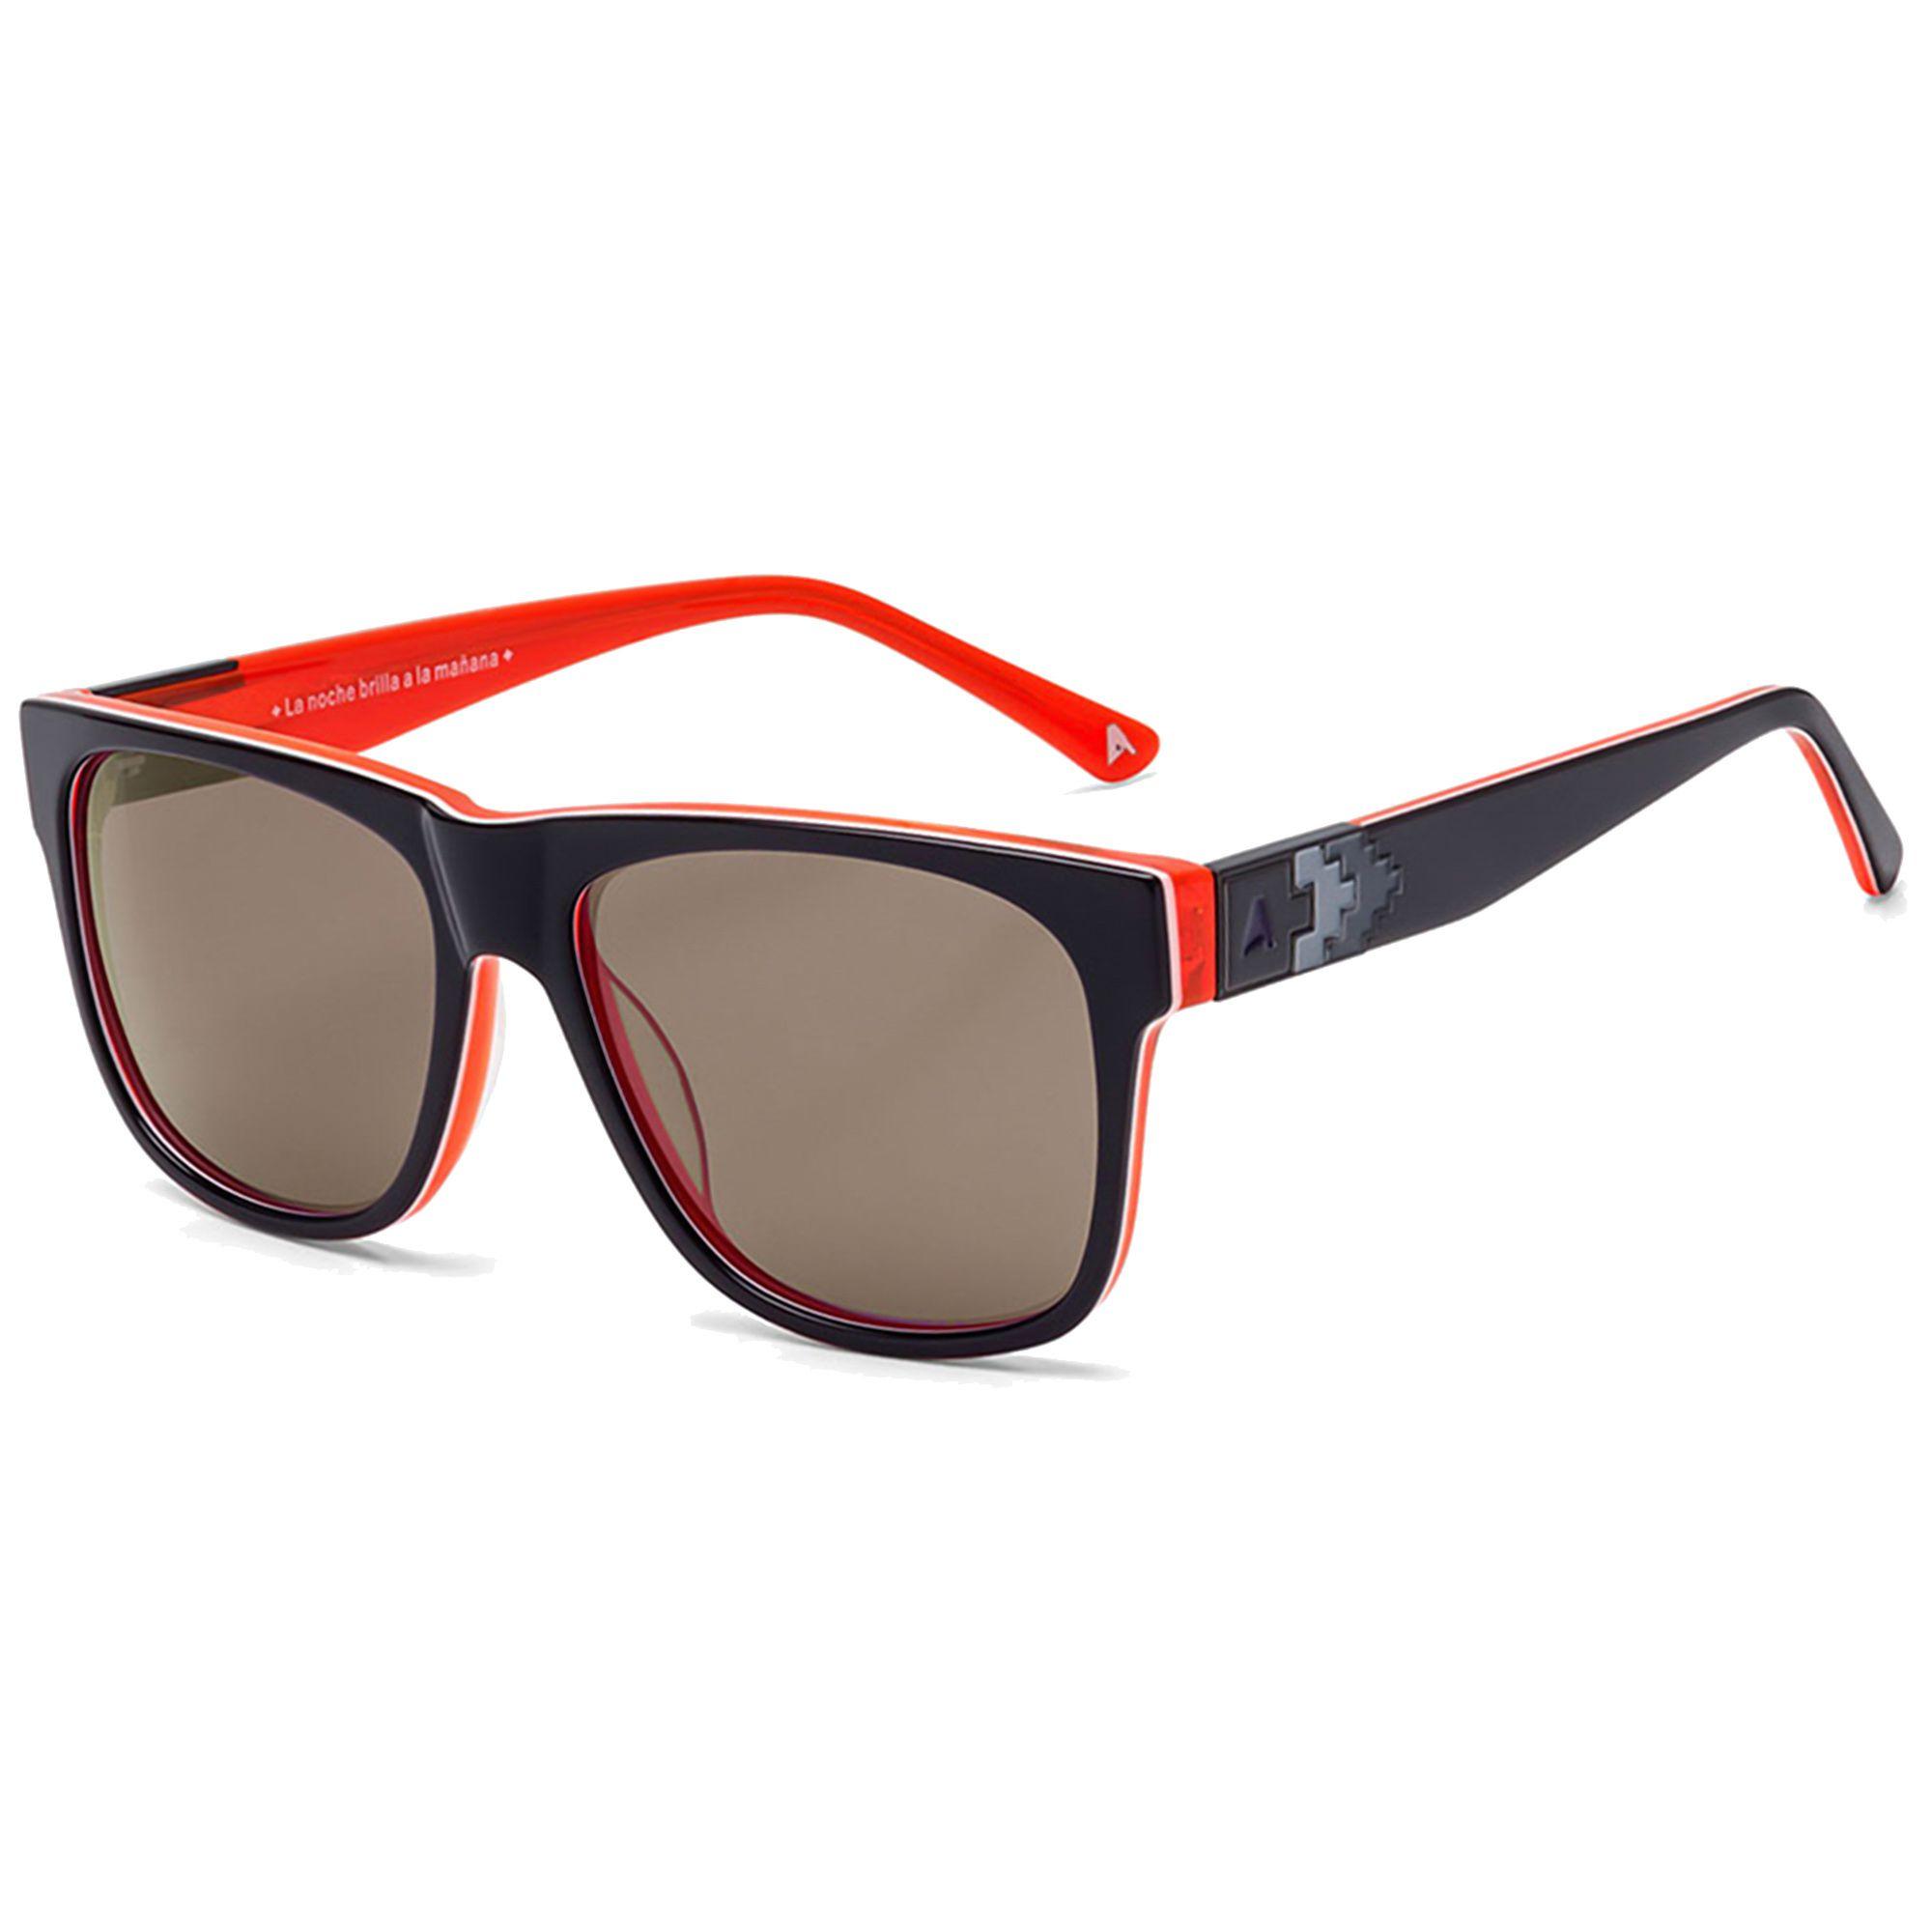 Óculos de Sol Unissex Absurda Tuyuca I A0001G0234